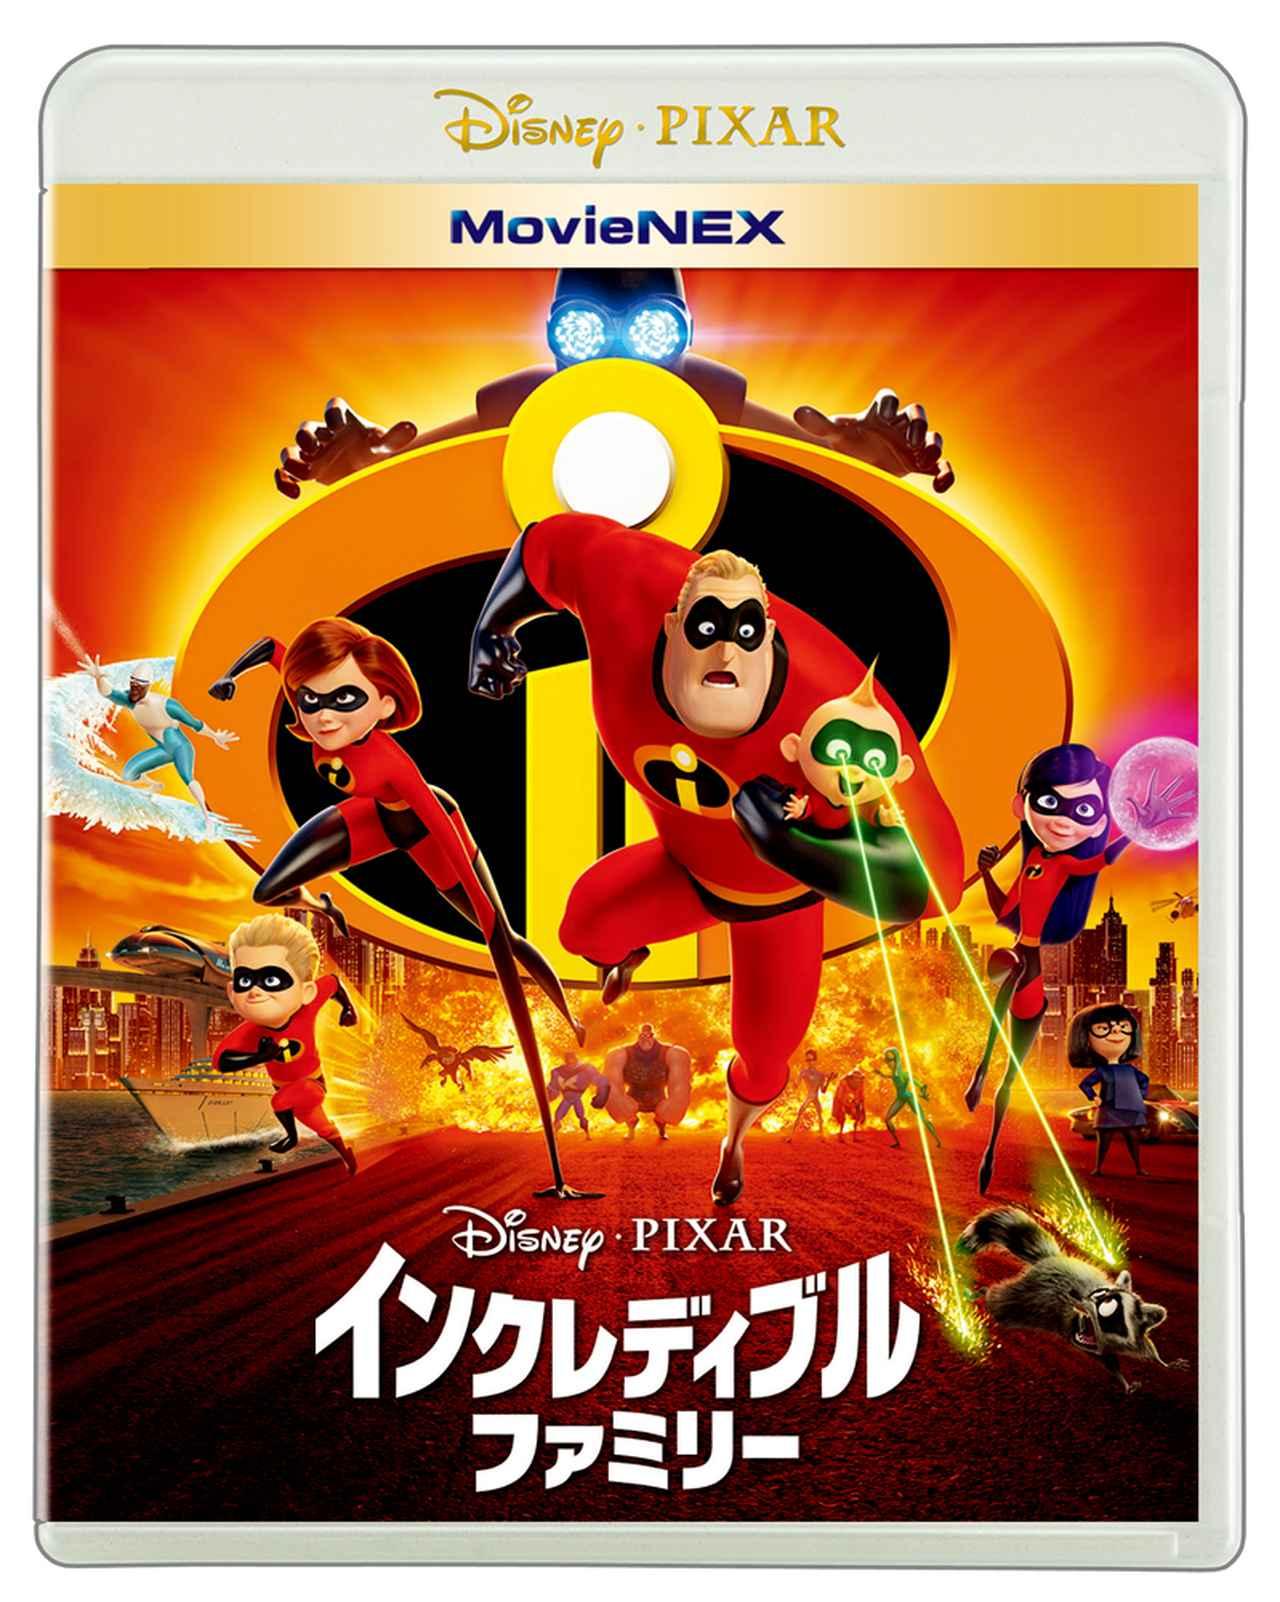 画像: 「インクレディブル・ファミリー」MovieNEX ウォルト・ディズニー・ジャパン/ 11月21日発売、4000円+税 (3枚組)、4K UHD MovieNEXは7800円+税(4枚組)で同 時発売、11月7日よりデジタル配信開始 特典=Bao、ブラッド・バード監督が語るアニメーションとは?、製作の舞台裏、未公開シーン他